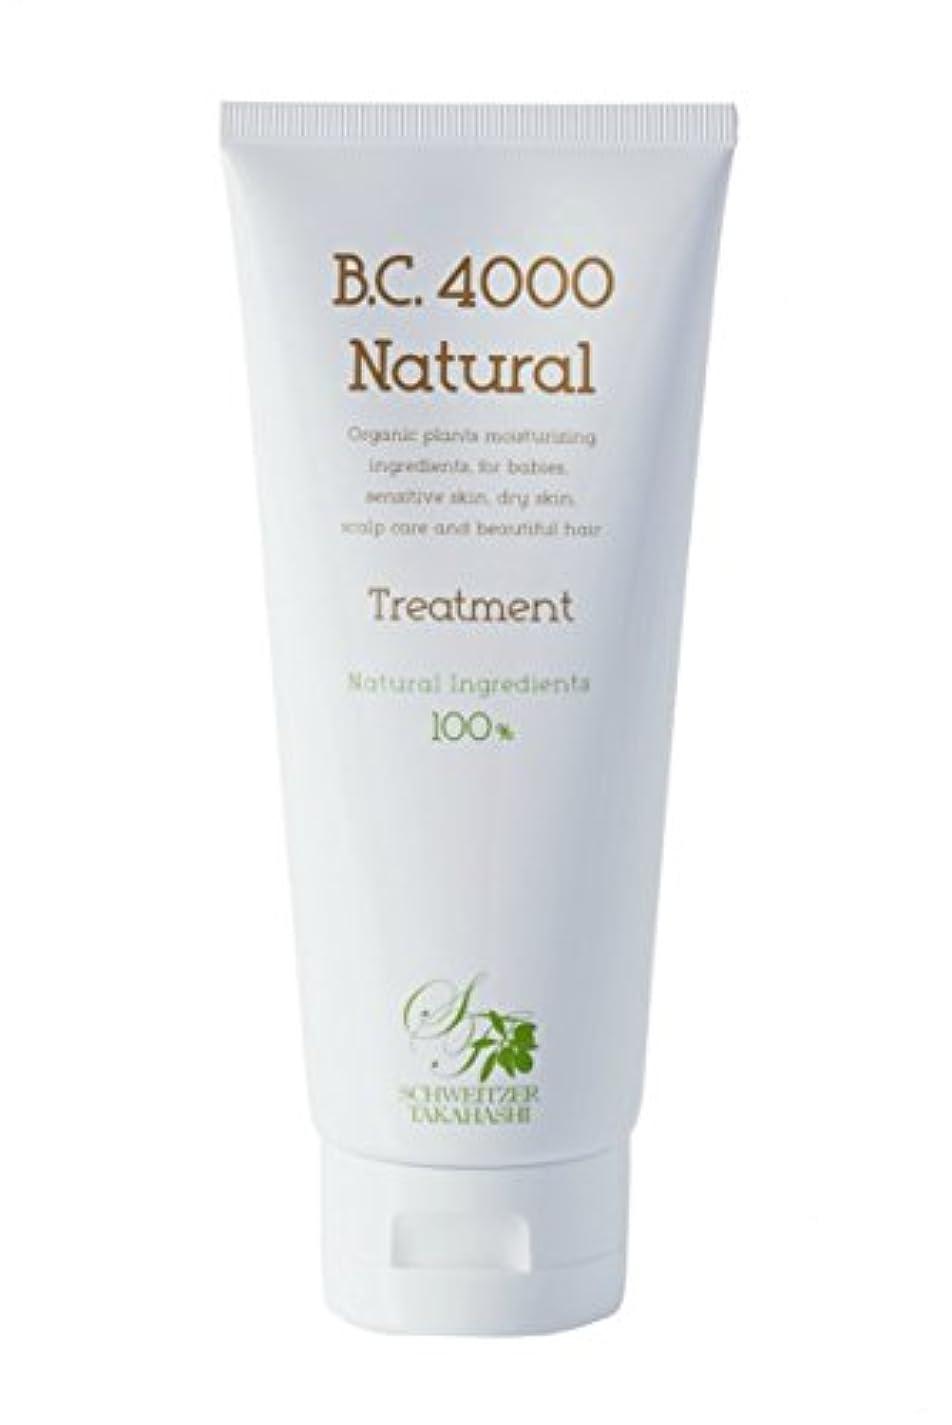 ライターぼろ辞書B.C.4000 100%天然由来 ナチュラル ノンシリコン トリートメント オーガニック植物エキス配合 200g